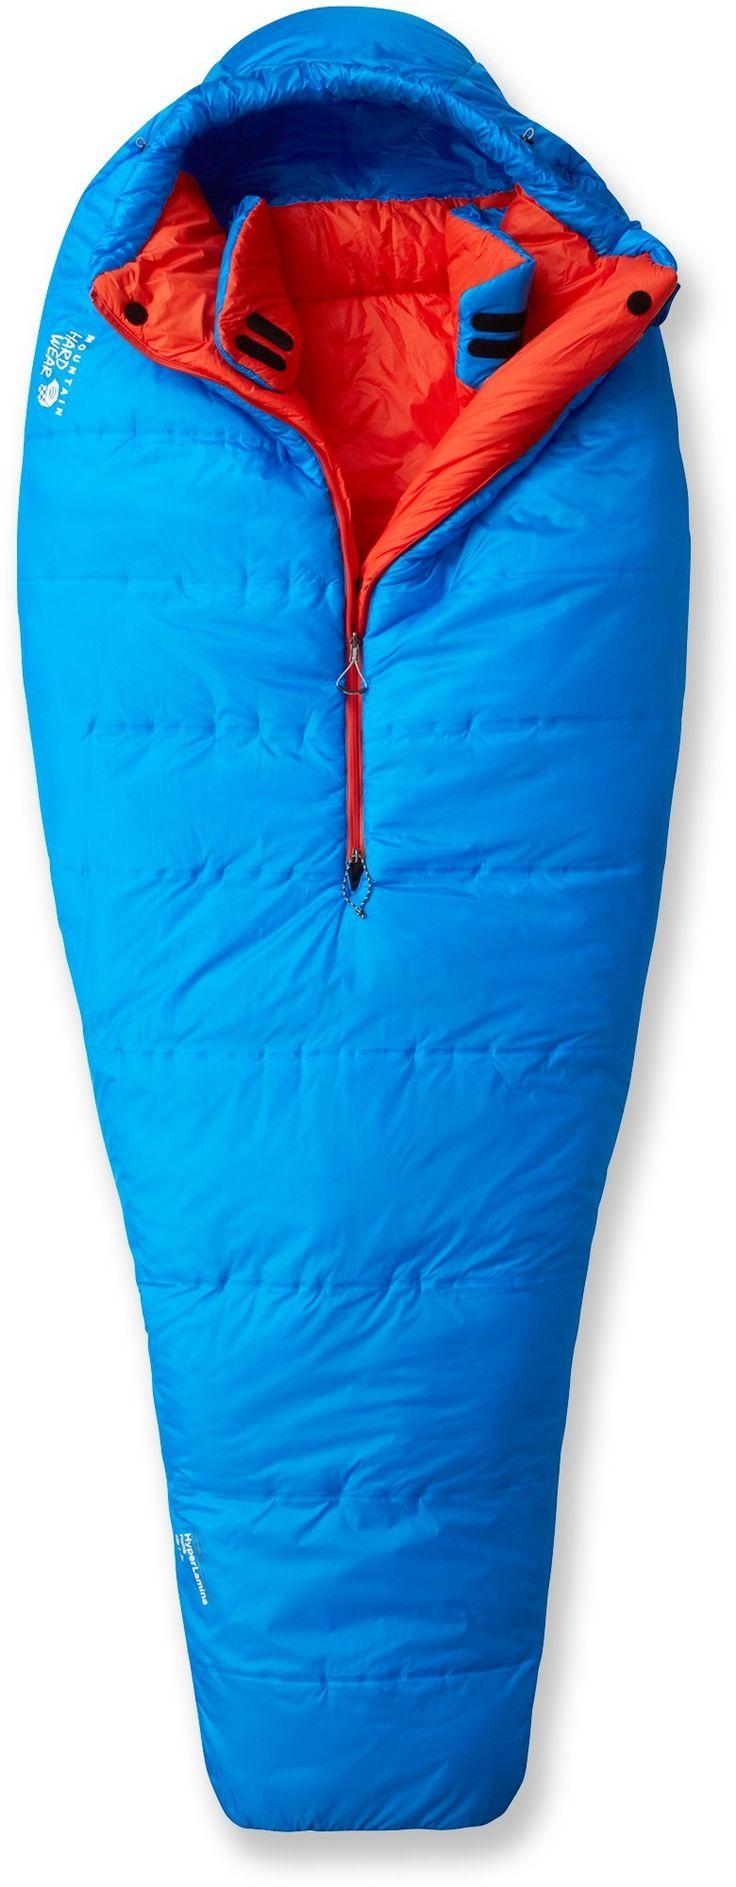 Mountain Hardwear HyperLamina Flame REGer en meget bra syntetisk sovepose med høy ytelse. Termisk kartlagt isolasjon og halv lengde glidelås i senter maksimerer effektiviteten.Konstruert for å være den letteste og varmeste syntetisk posen på markedet...